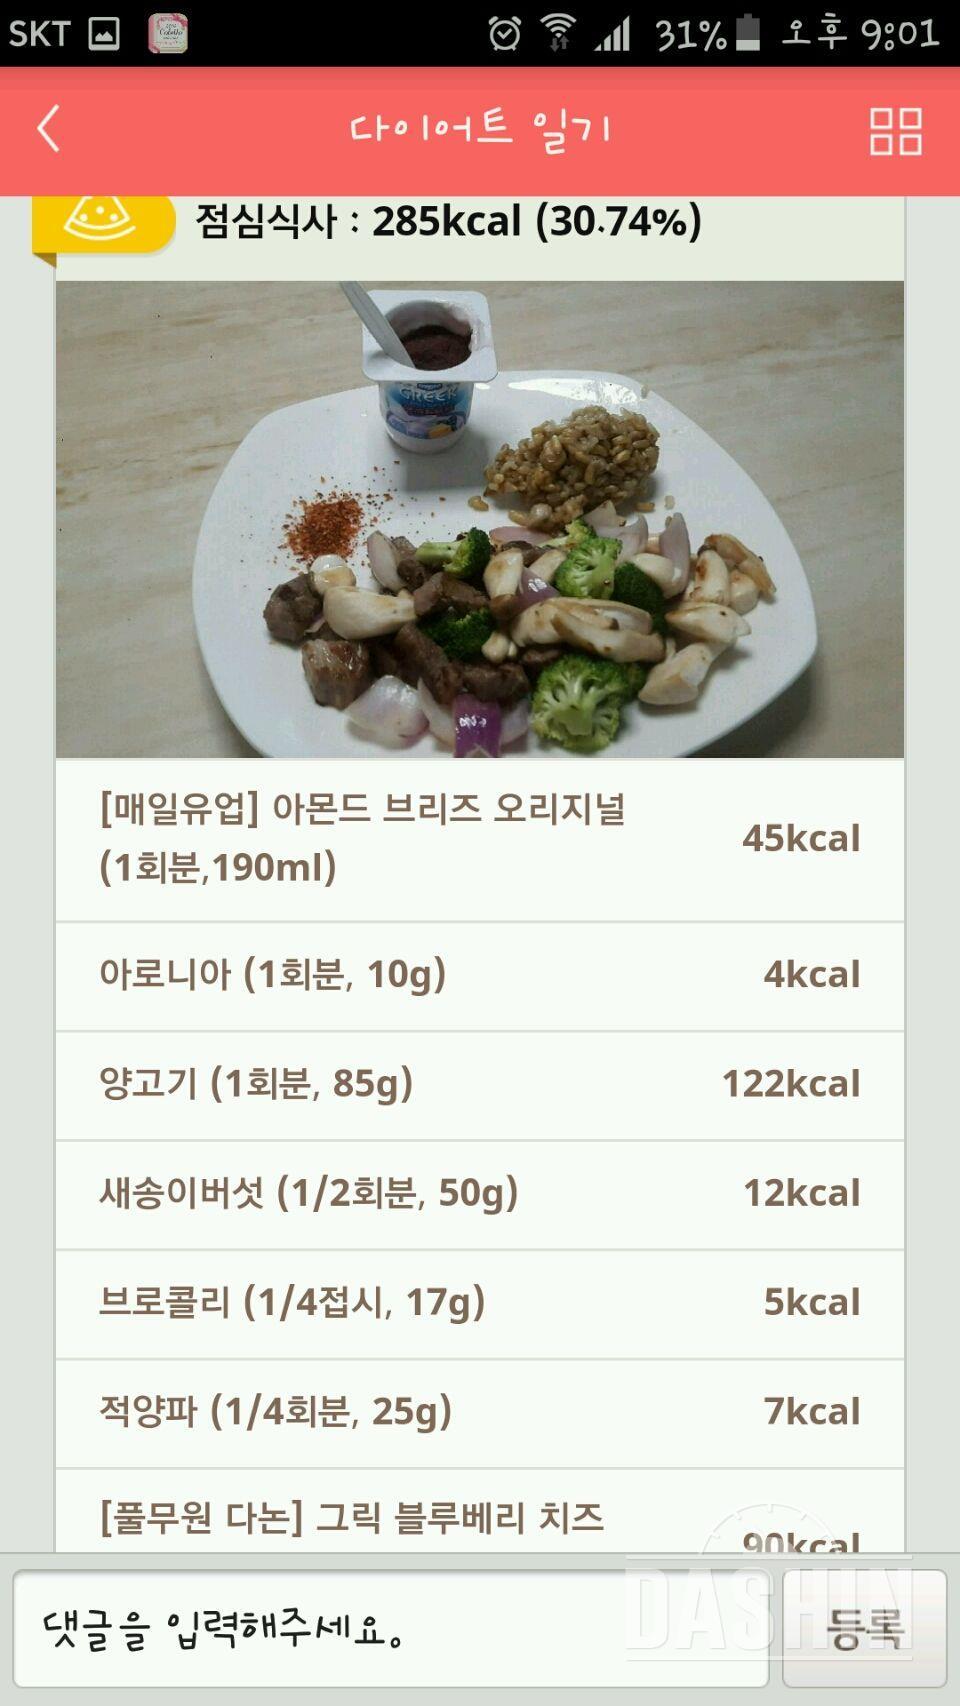 7월6일 ㅡ 17일차 운동 식단